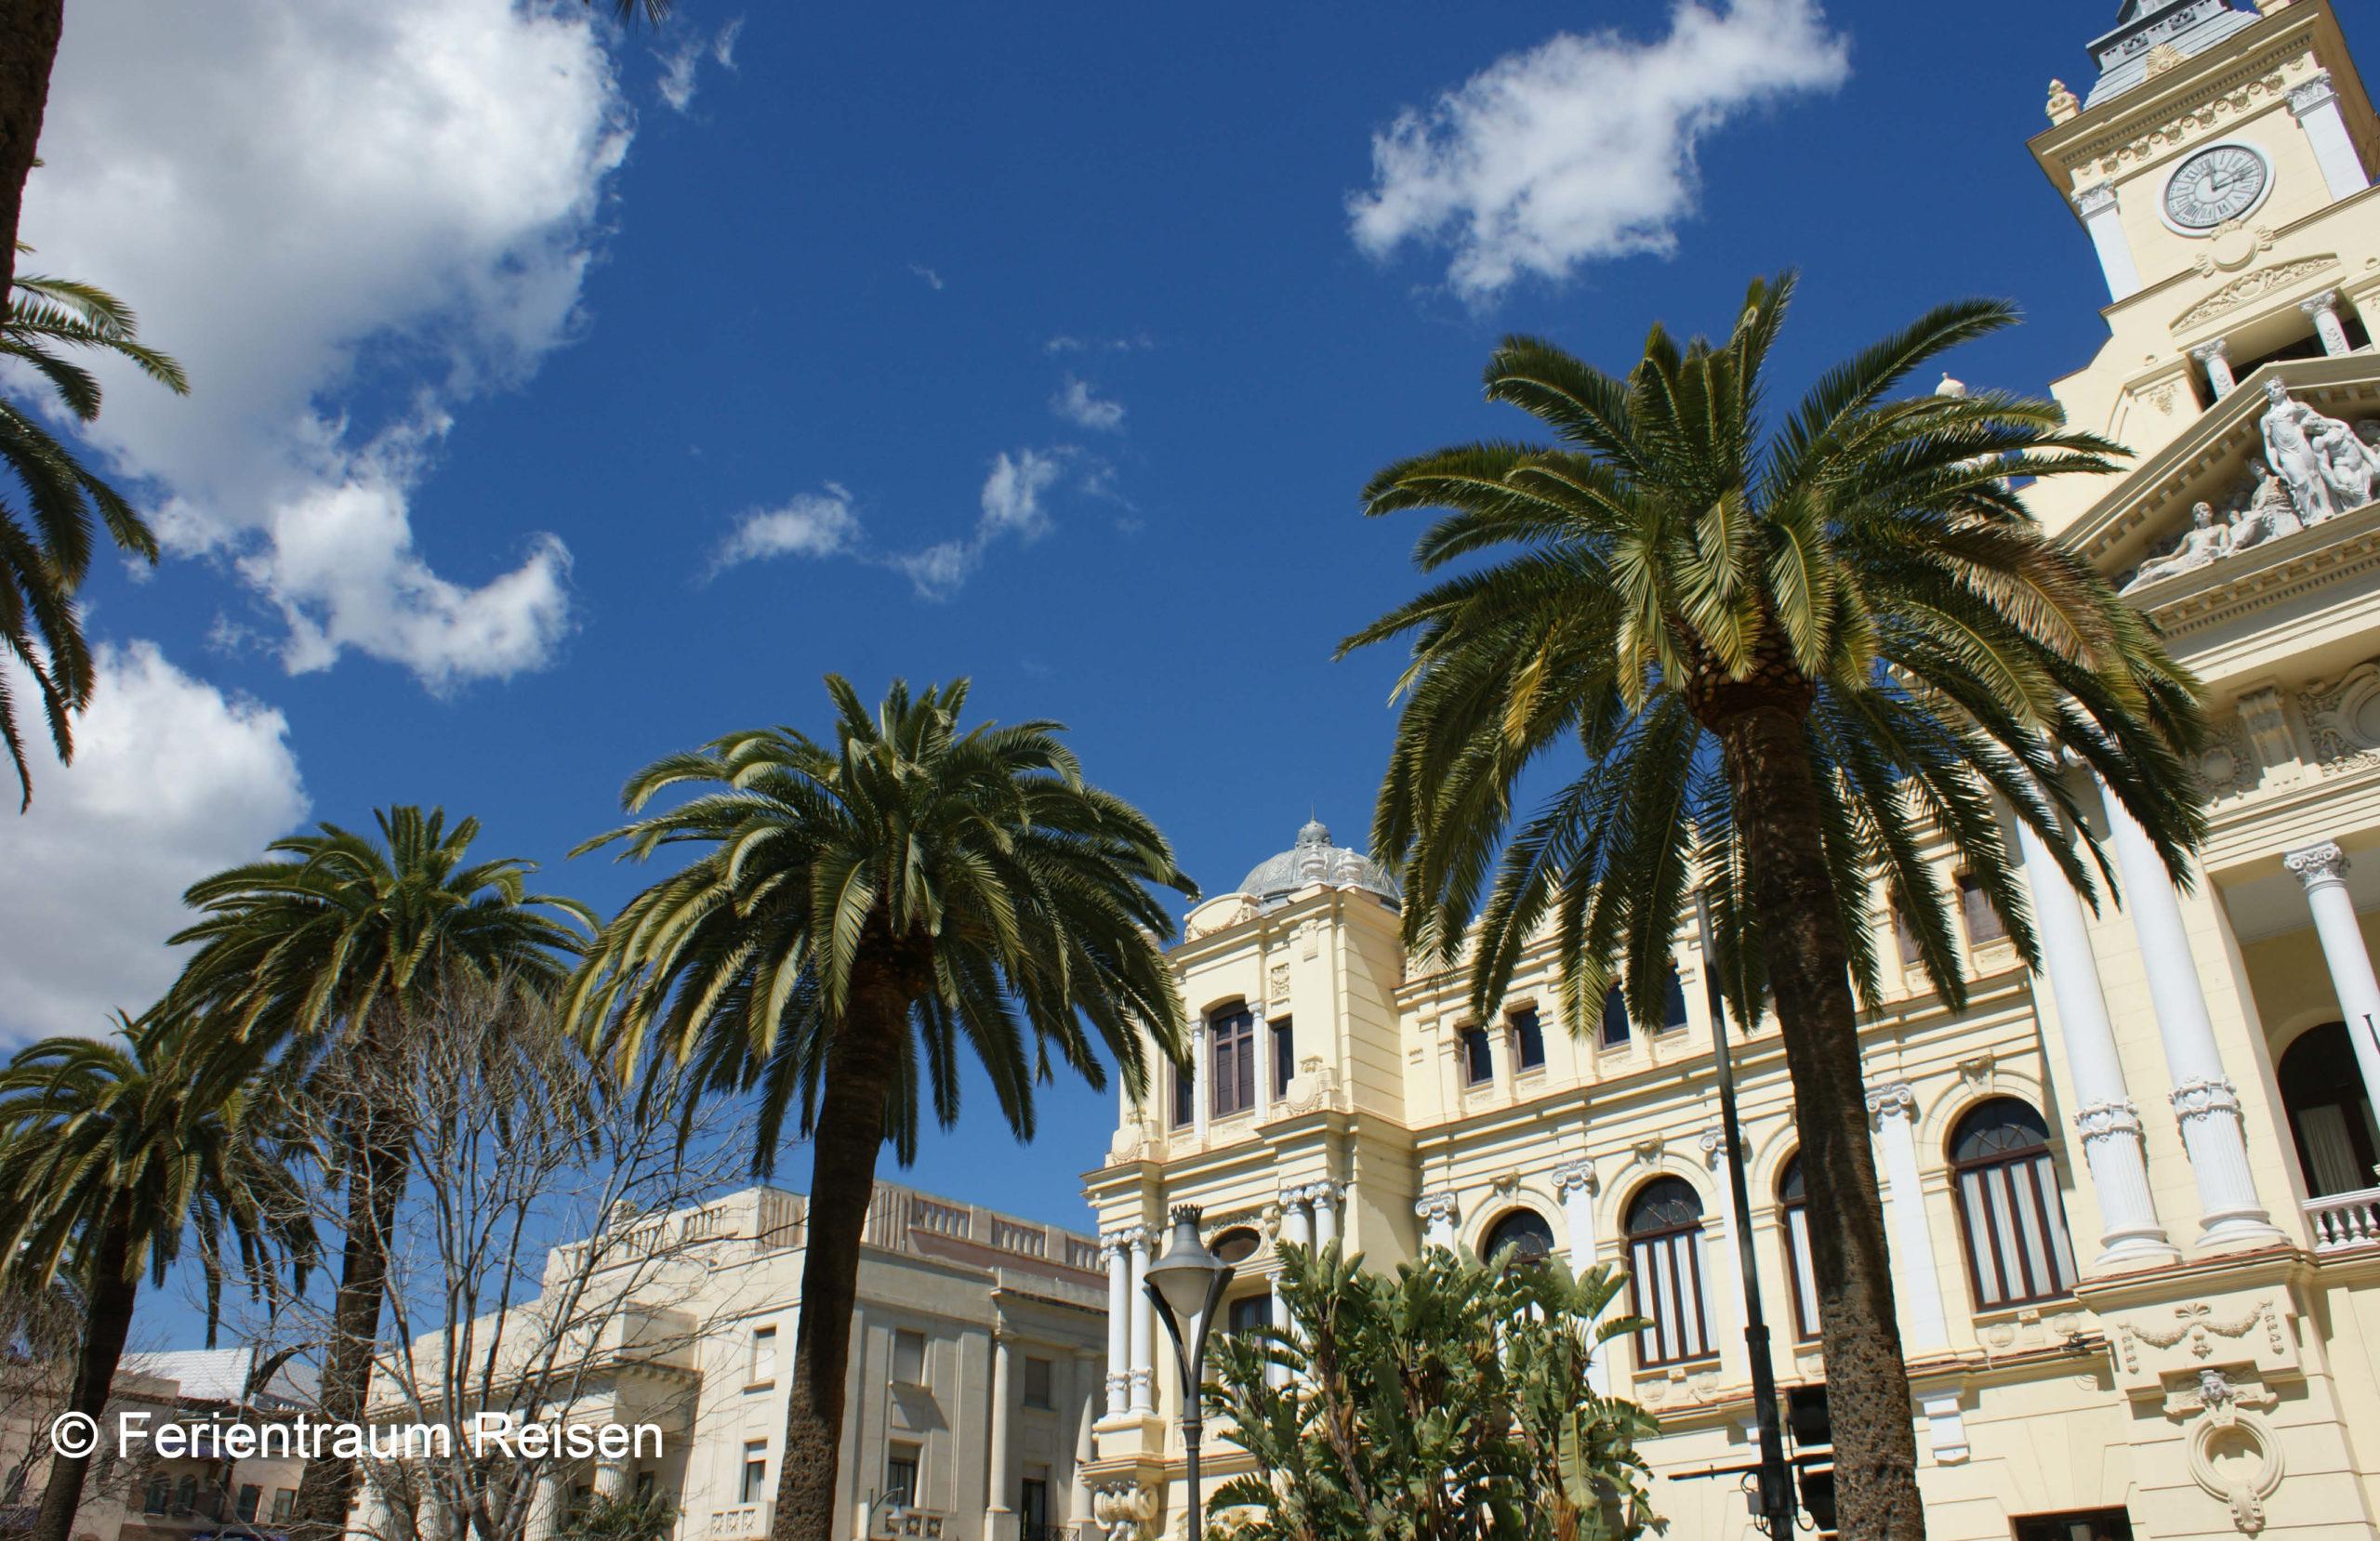 Ferientraum wunderschöne Altstadt von Malaga